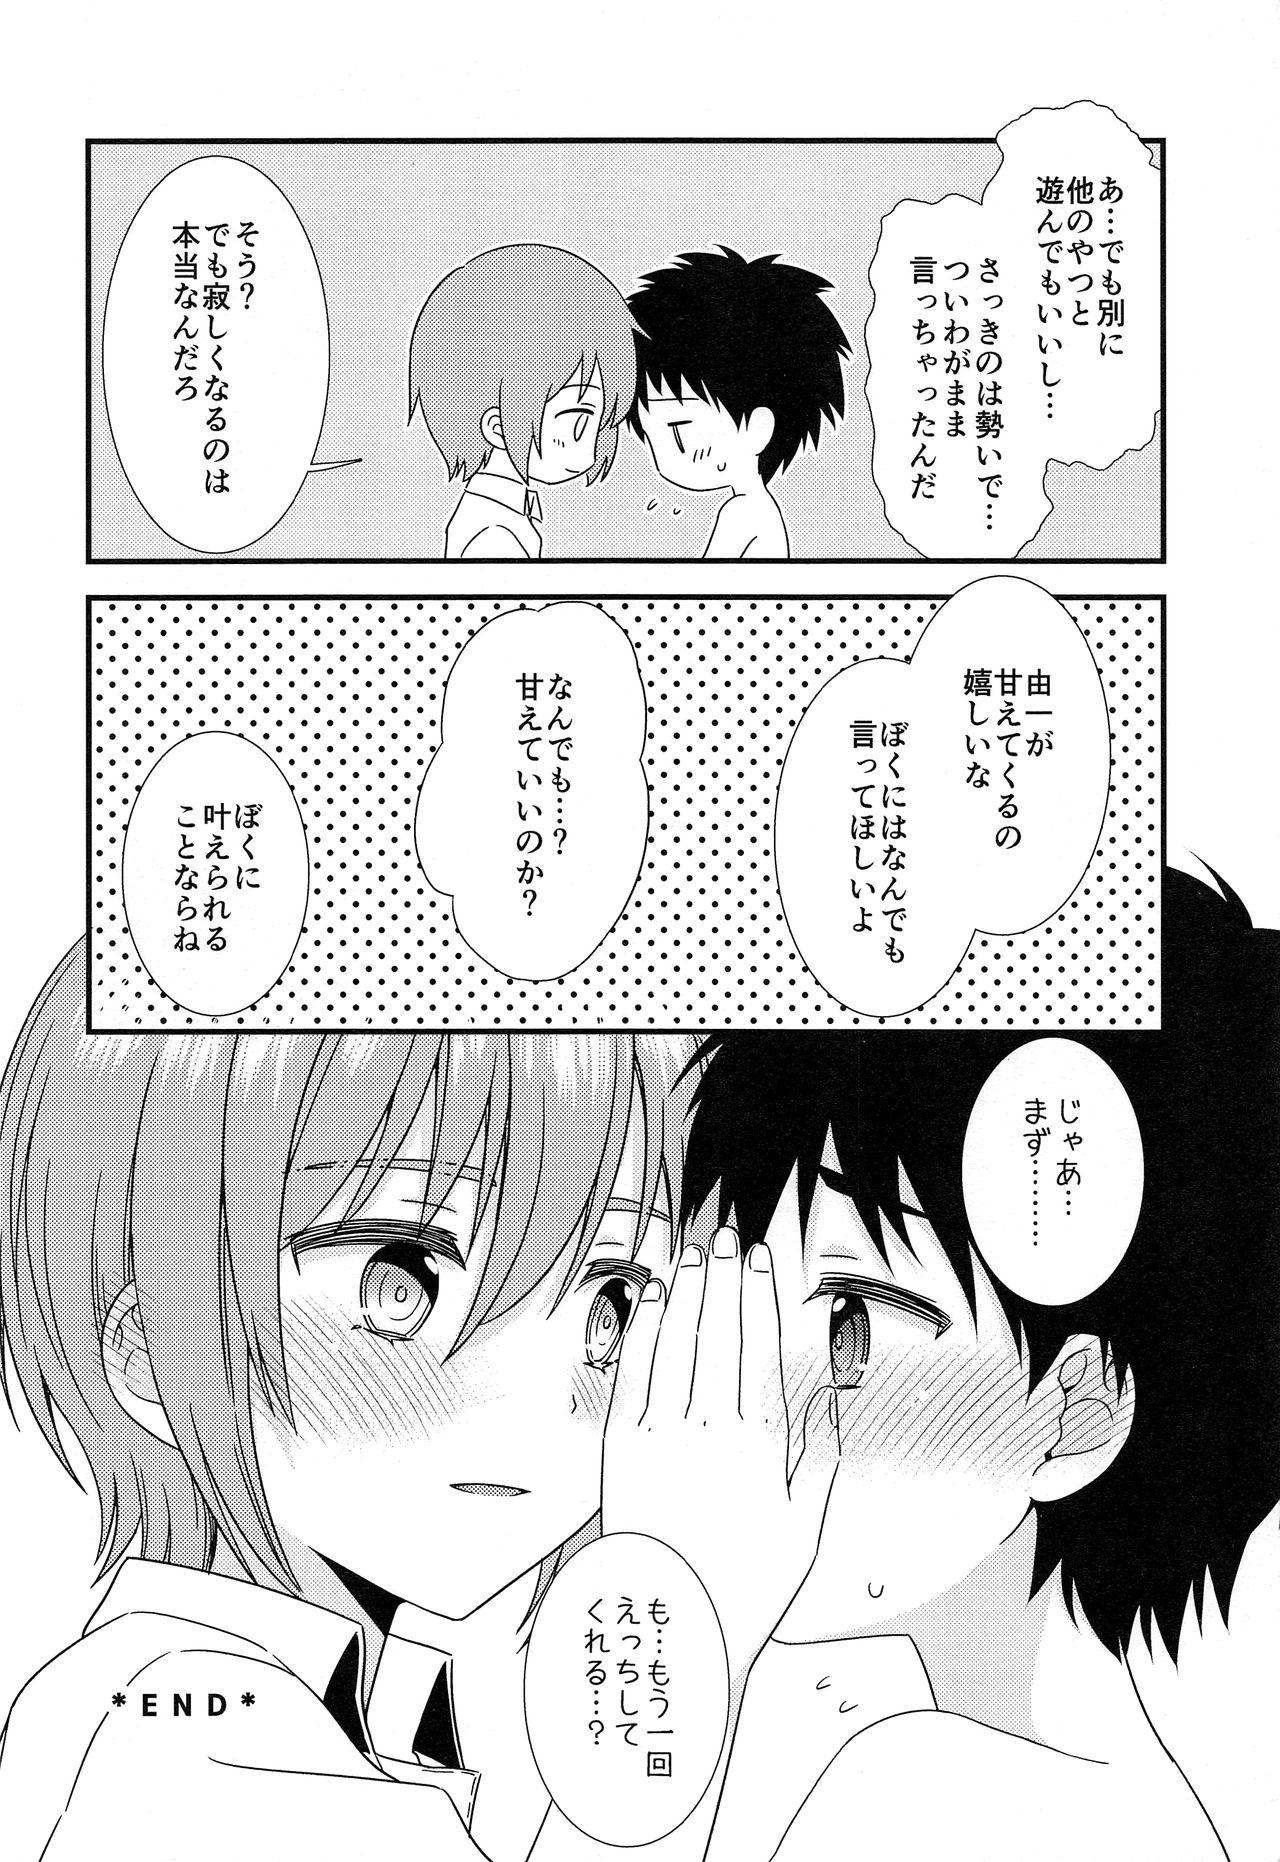 Yuujou no Hate ni Kimi to Sex shita 42